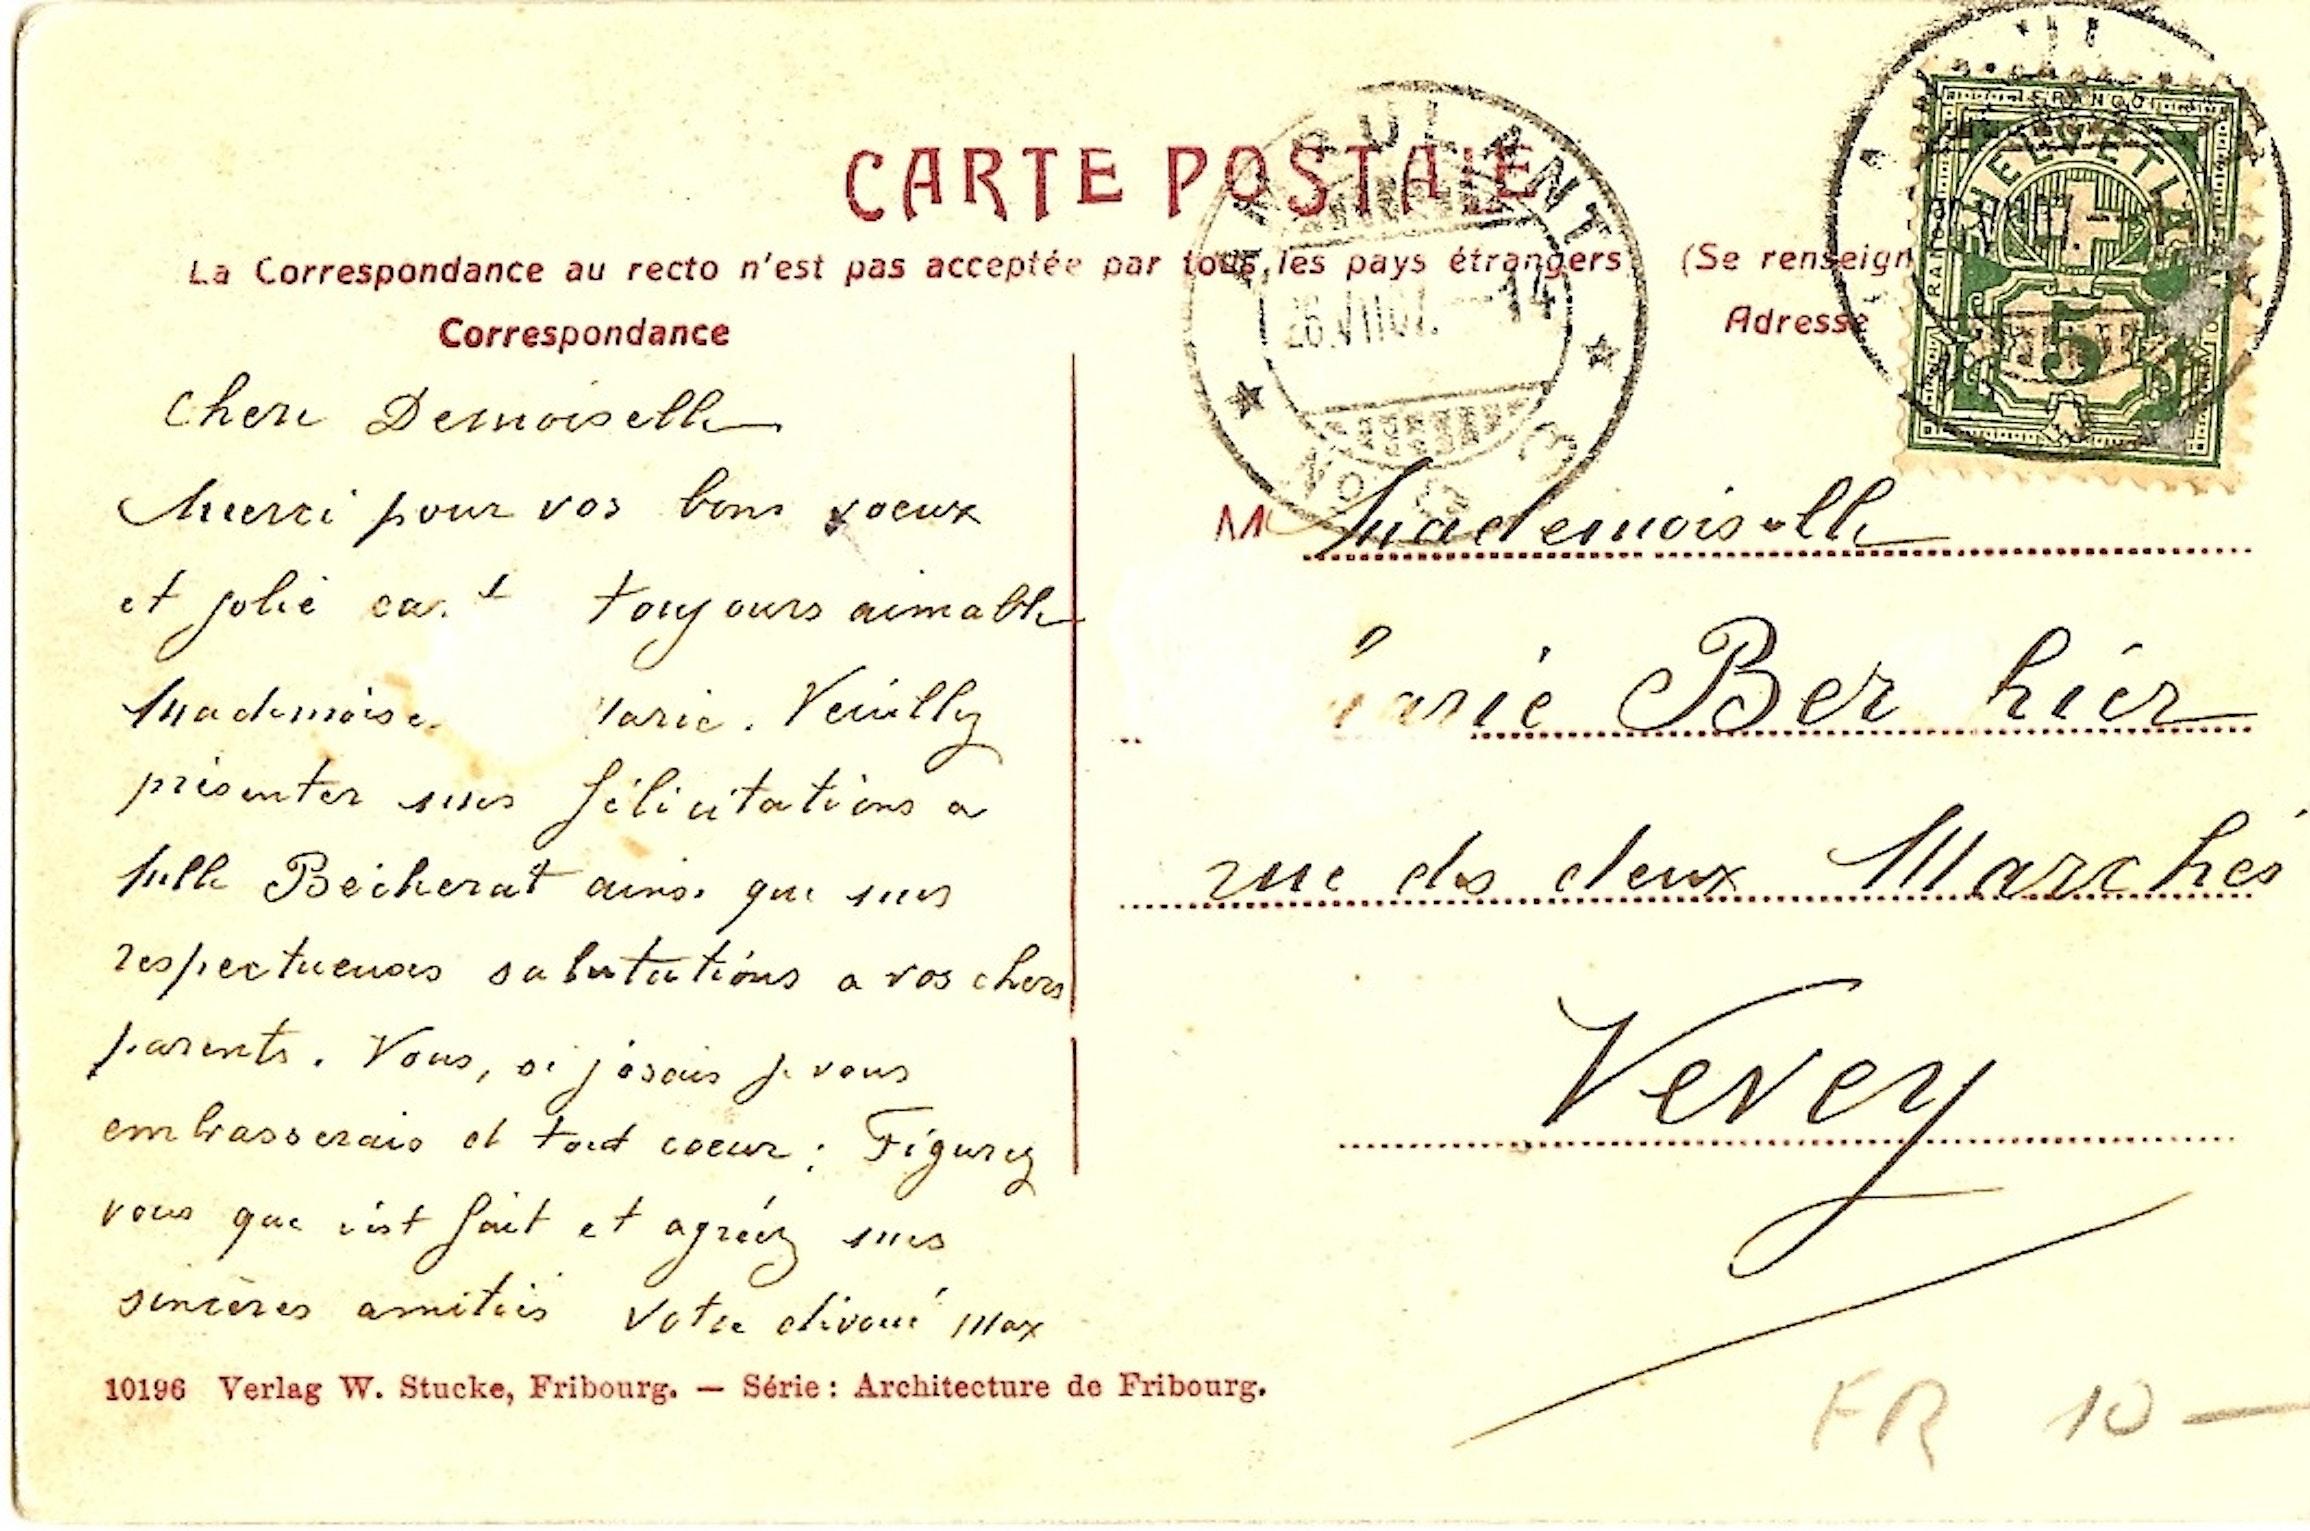 texte pour carte postale Texte carte postale Chapelle de Sainte Apolline, Villars sur Glâne